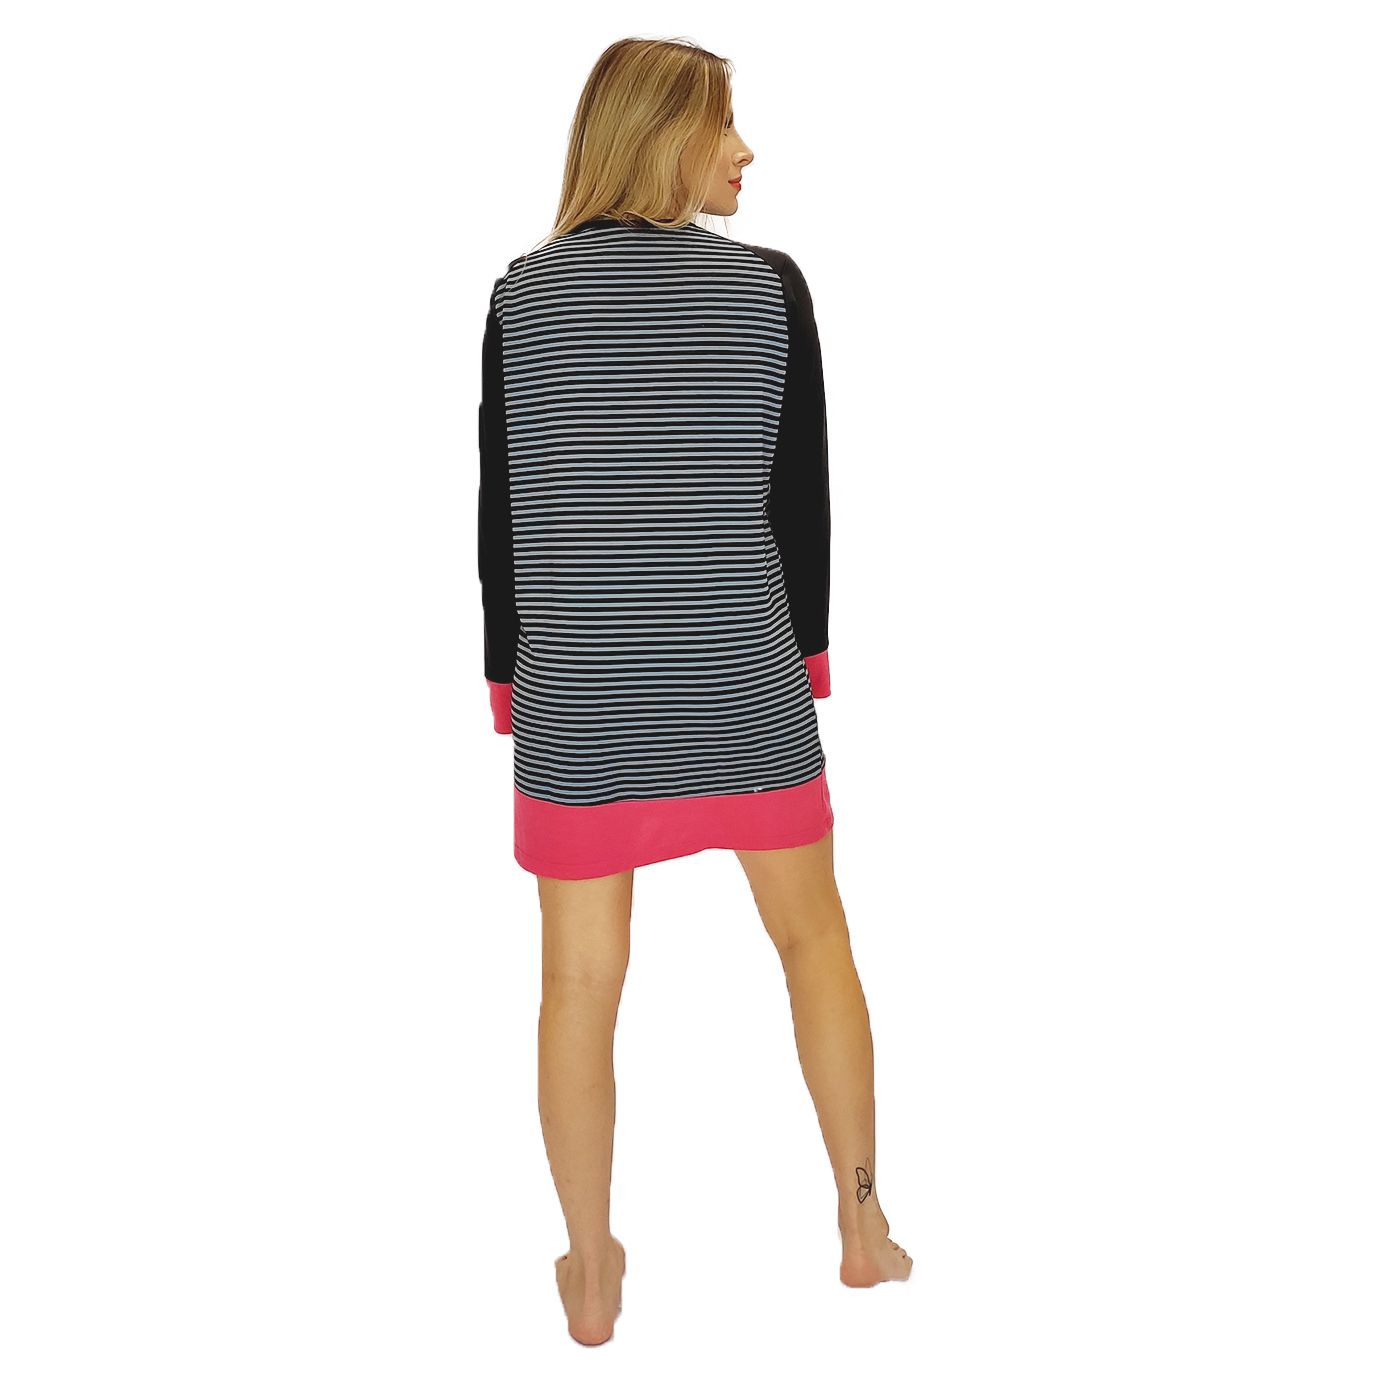 Camisola camisão manga longa listrada